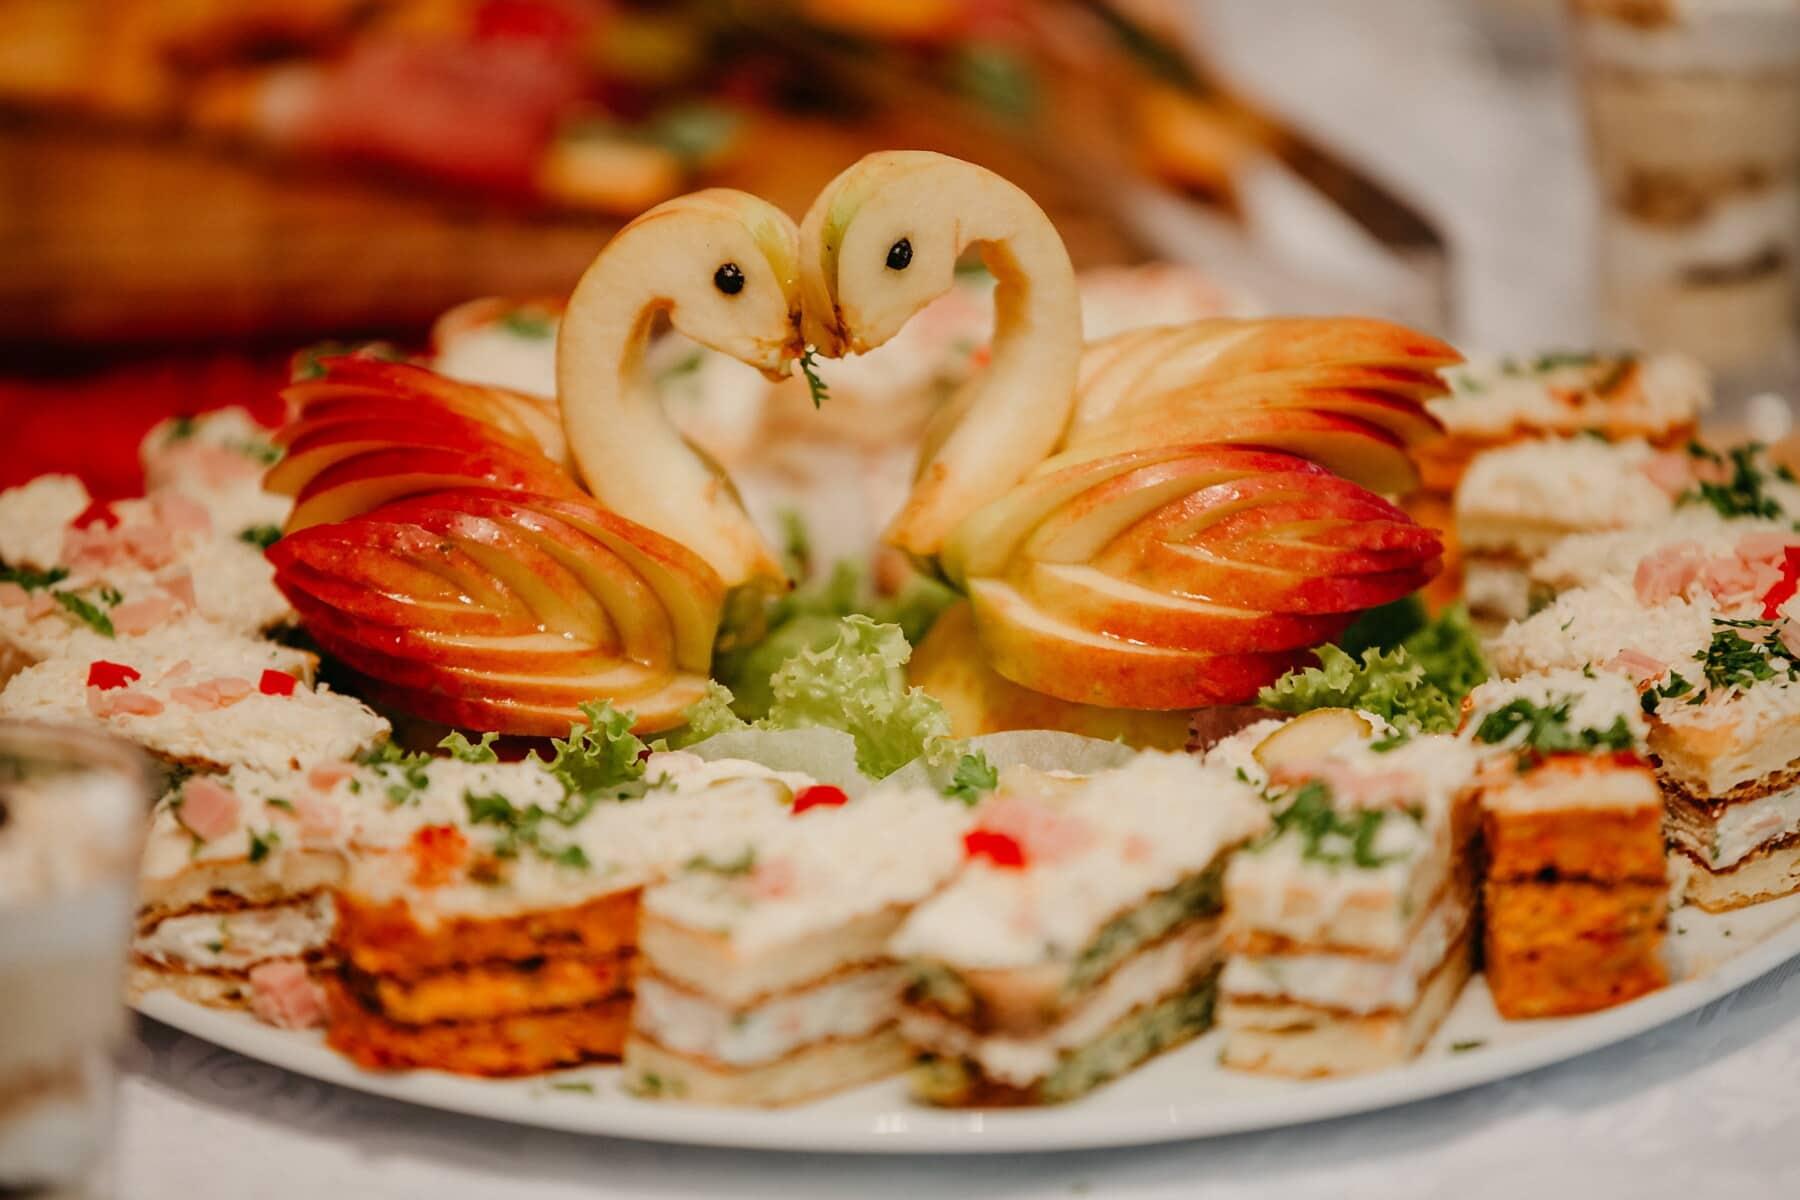 りんご, スワン, 装飾, デザート, 食品, 料理, クッキー, ビュッフェ式, ディナー, おいしい